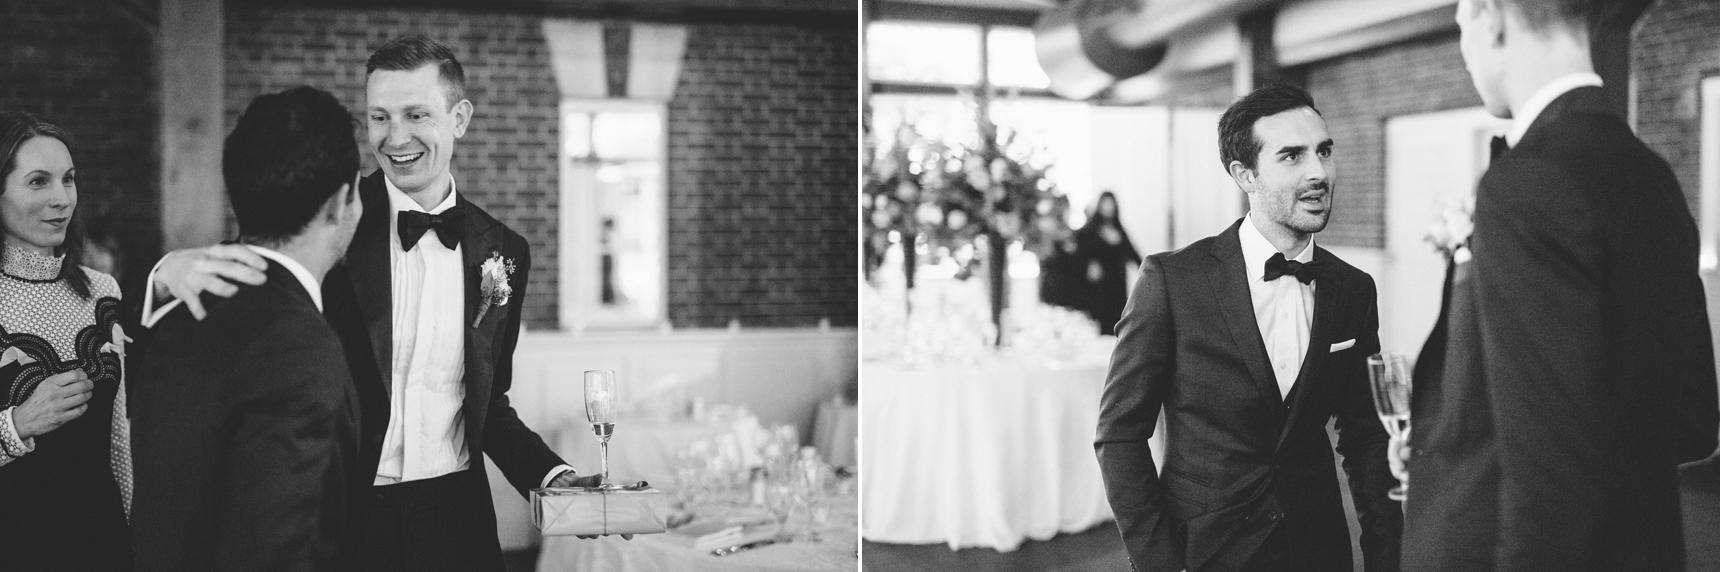 Jory_LoebBoathouse_CentralPark_NewYork_WeddingPhotographer088.jpg